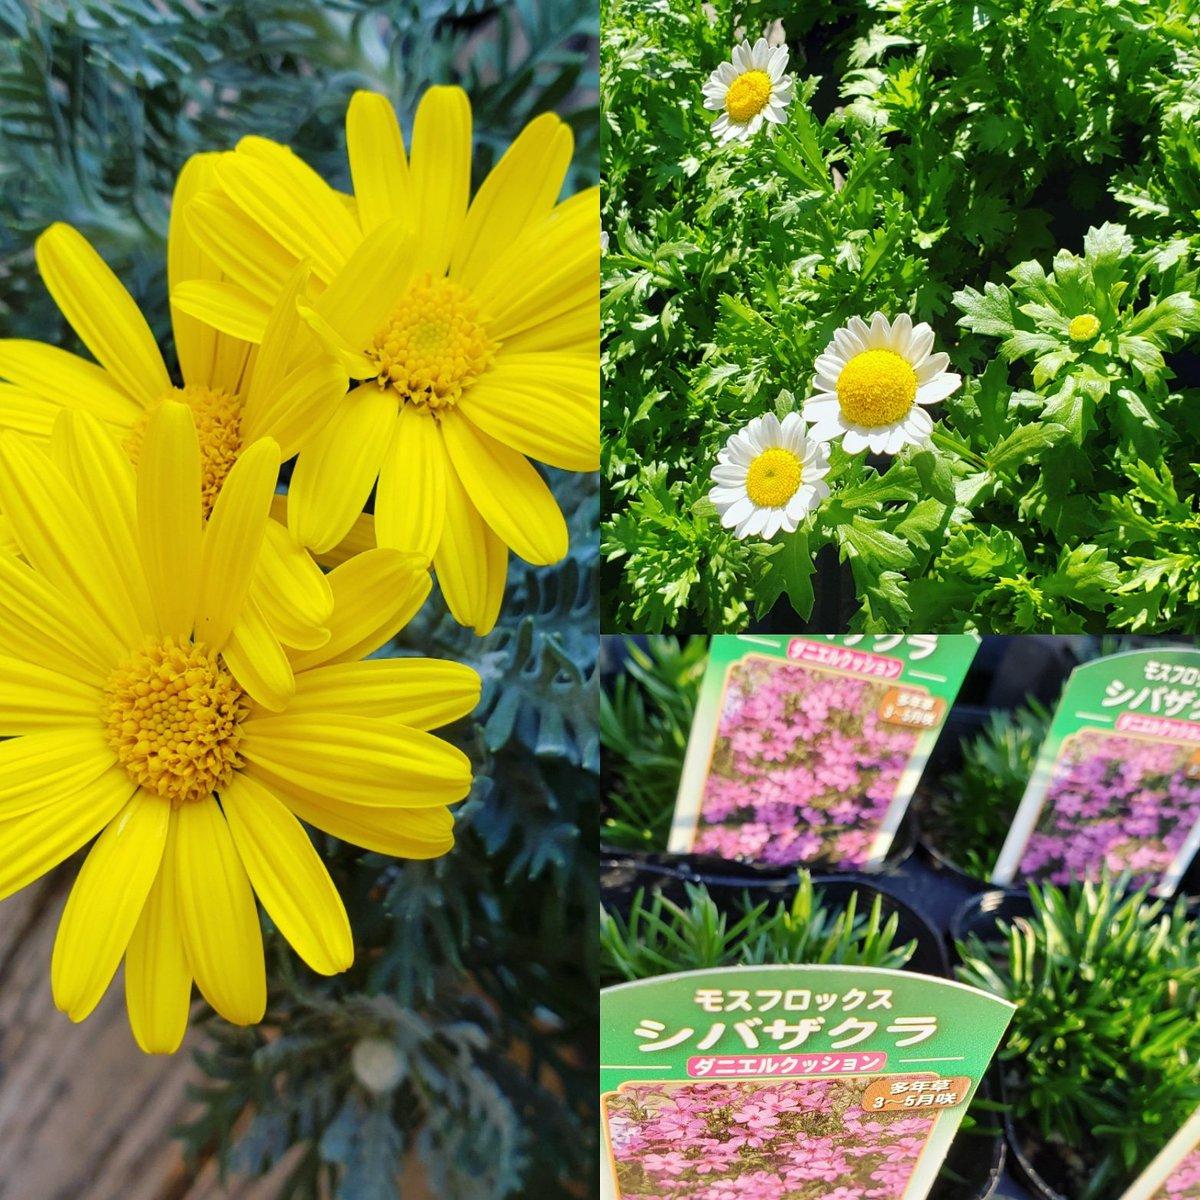 ・ 春の準備。気が早い? 冬もすぐだったから春もすぐだよ('ε ')  春のお花は寒いうちに植えておいてね。寒さを乗り越えて咲き誇ります!!  #ユリオプスデージー #芝桜 #シバザクラ #ノースポール #パンジー #ガーデニング #ガーデン  #garden #花苗 #鉢植え #庭 #花壇 #寄せ植え #園芸 https://t.co/55SCQx4ft1